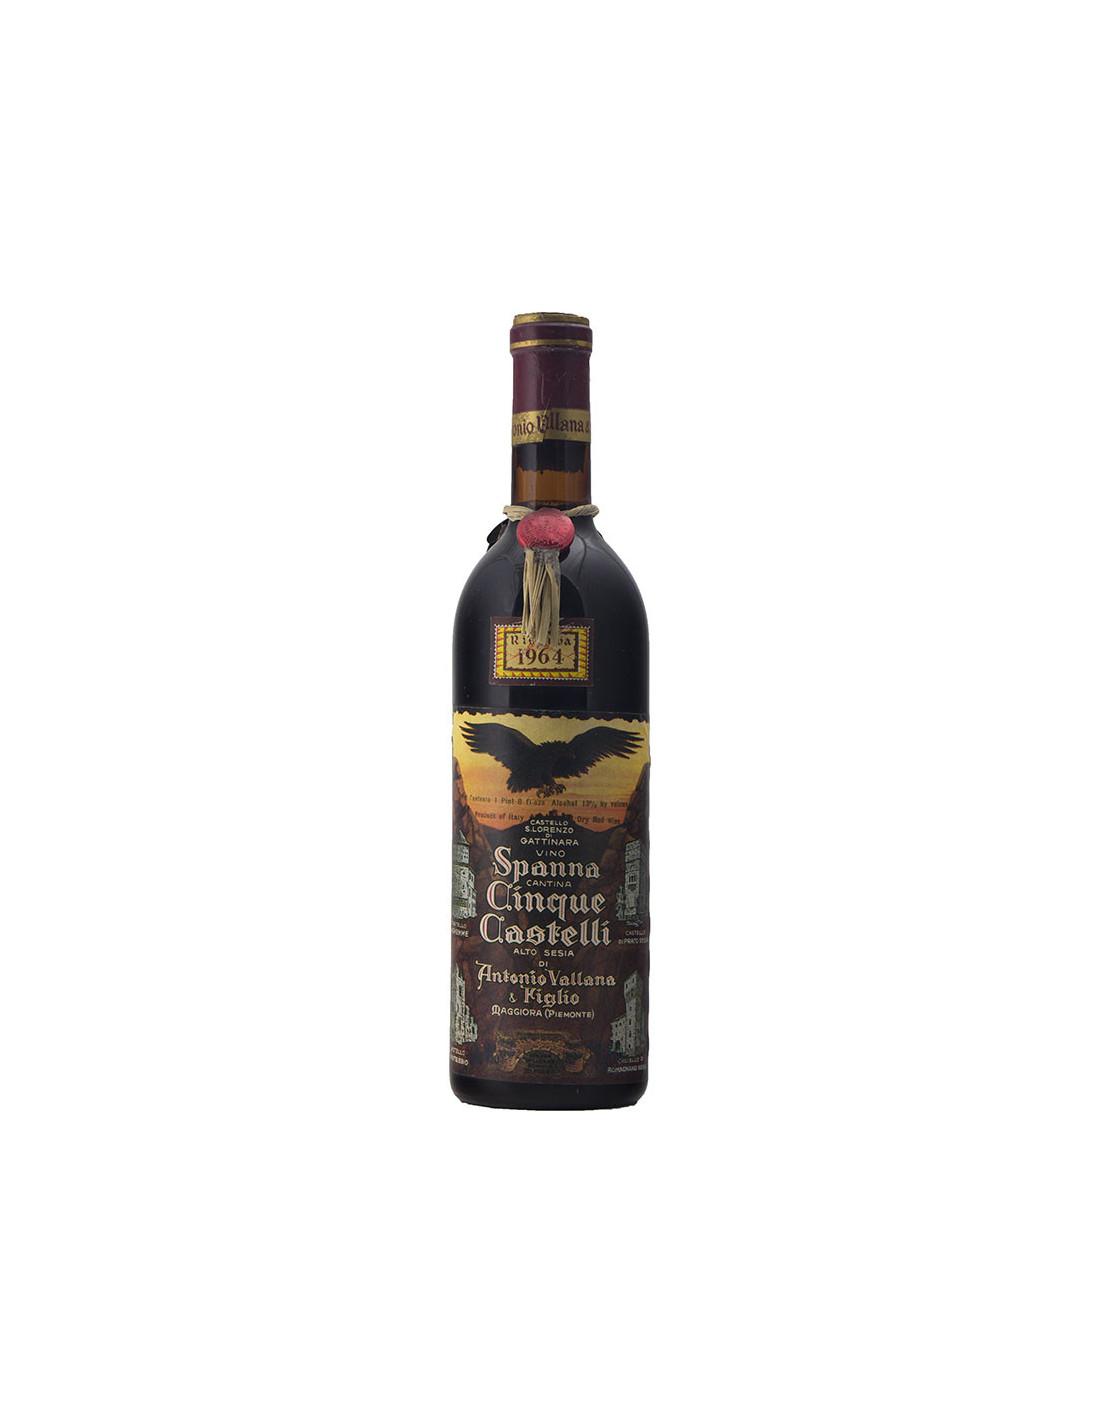 Cinque Castelli Antonio Vallana Spanna 1964 Grandi bottiglie